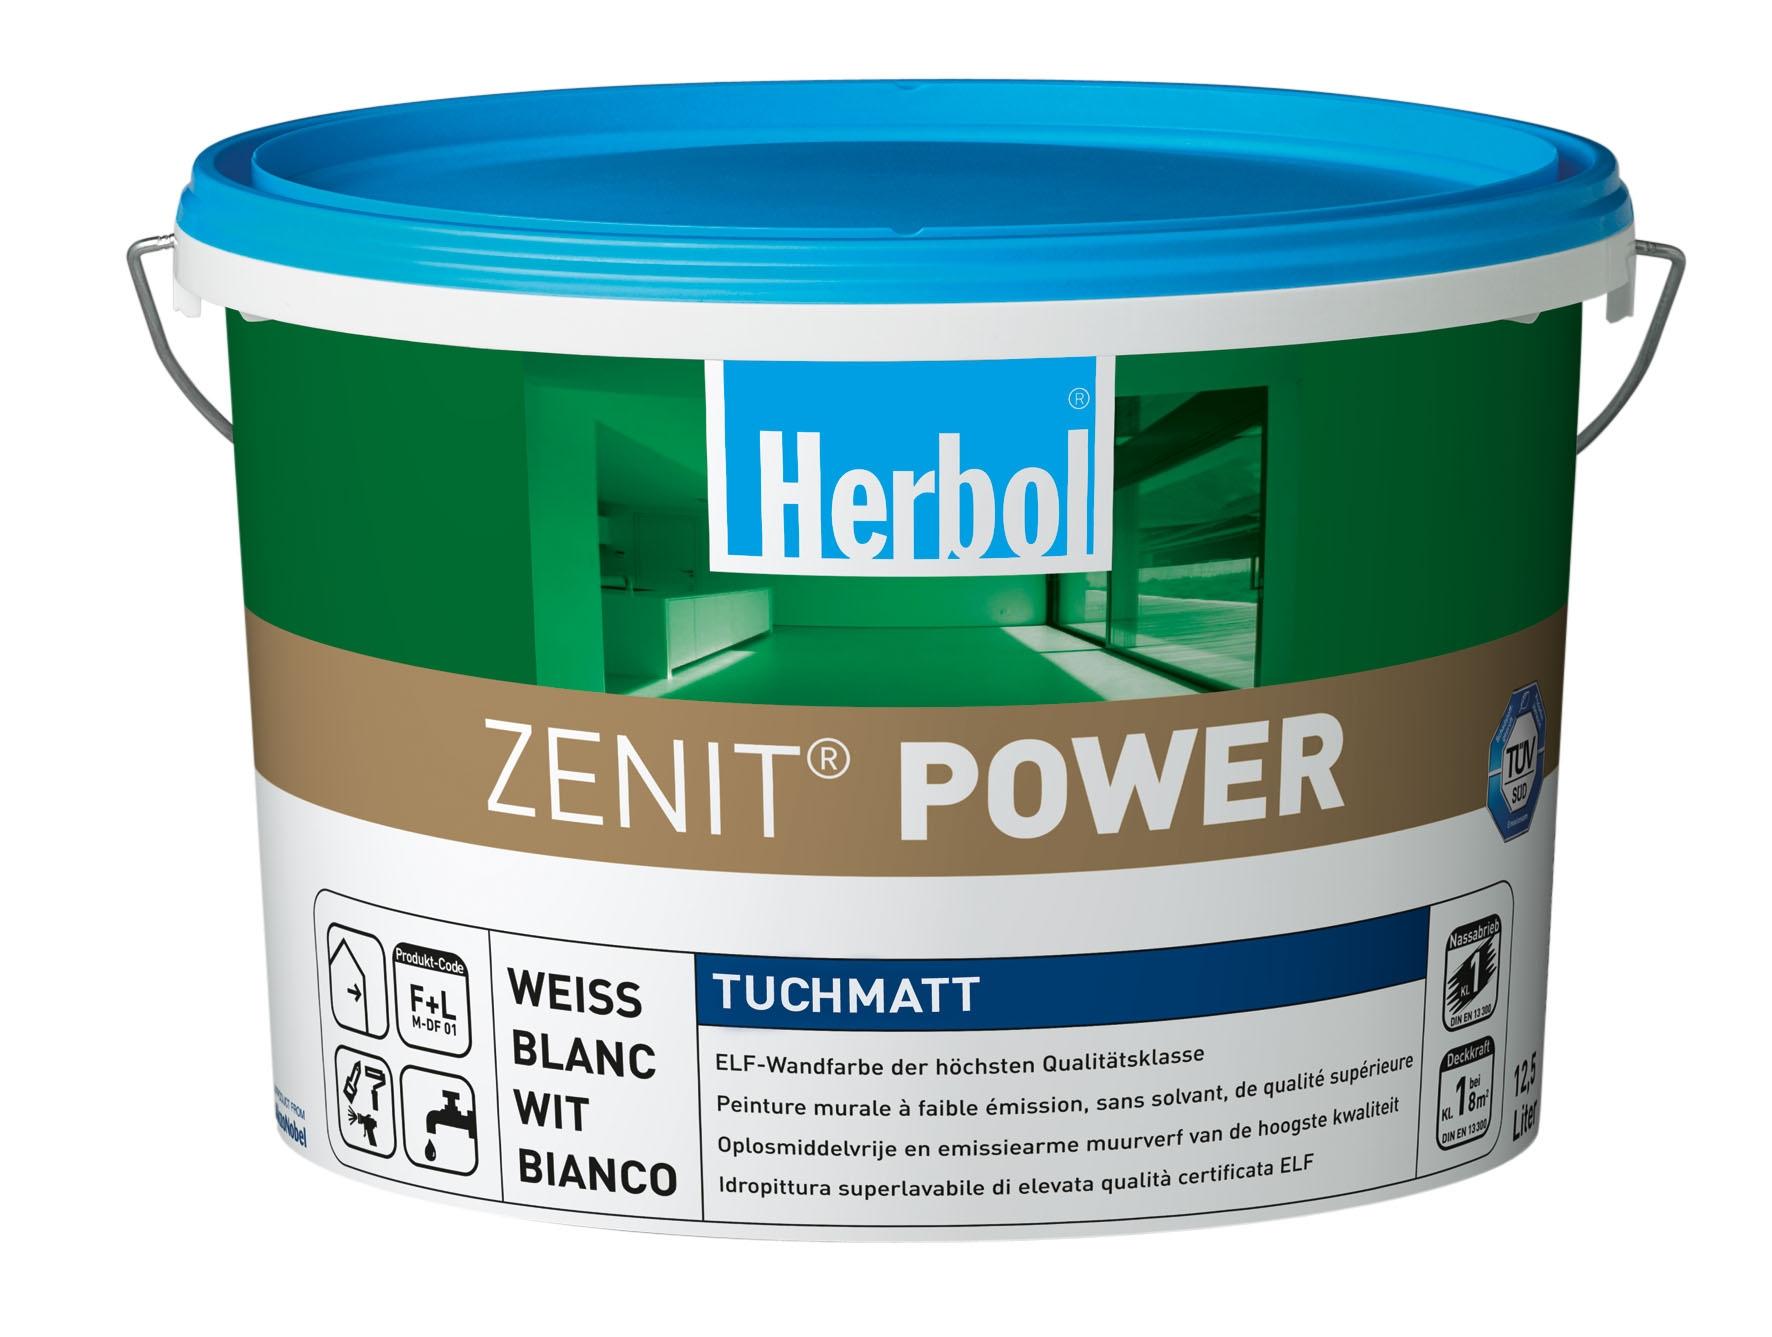 Bild: Herbol Zenit Power 12,5 Liter Weiss